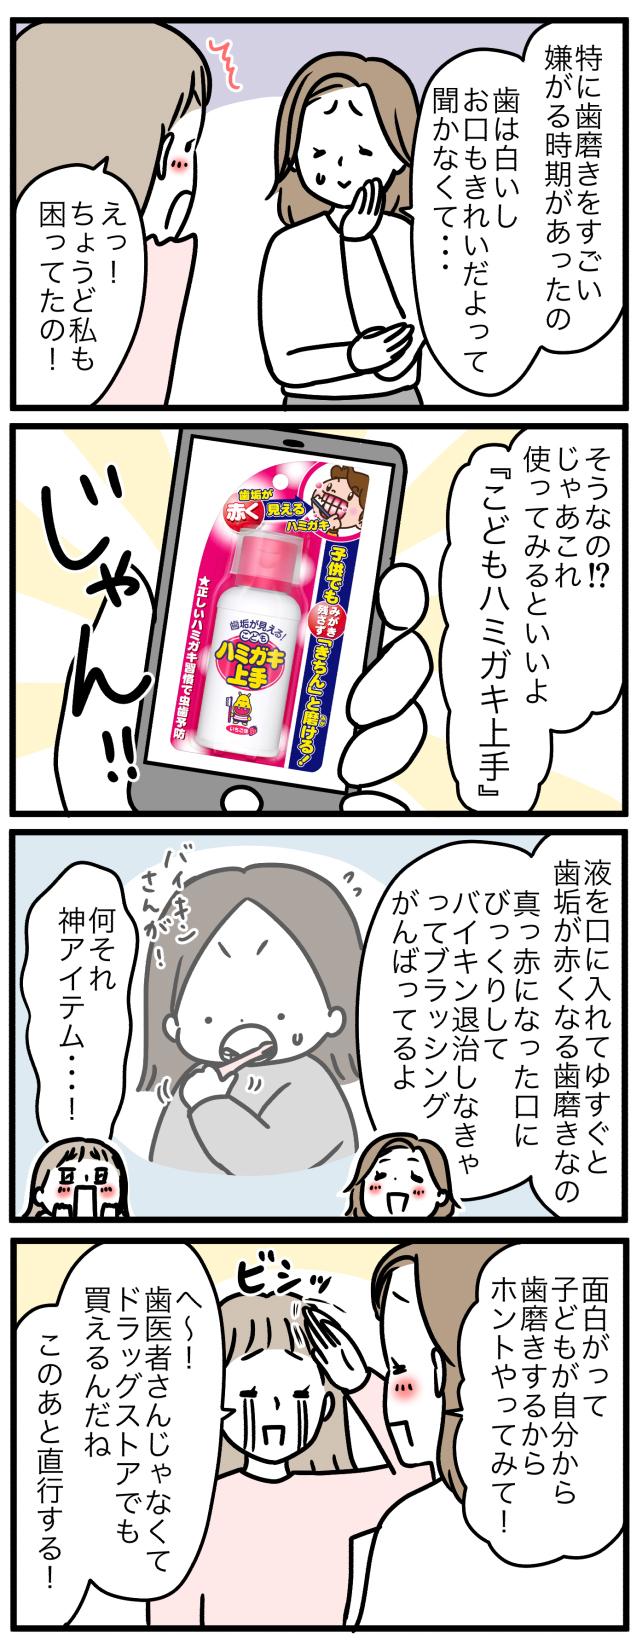 プレゼントあり!「ひとりで歯磨きしたい!」は成長の証。でも…磨き残し問題どうする!?の画像2